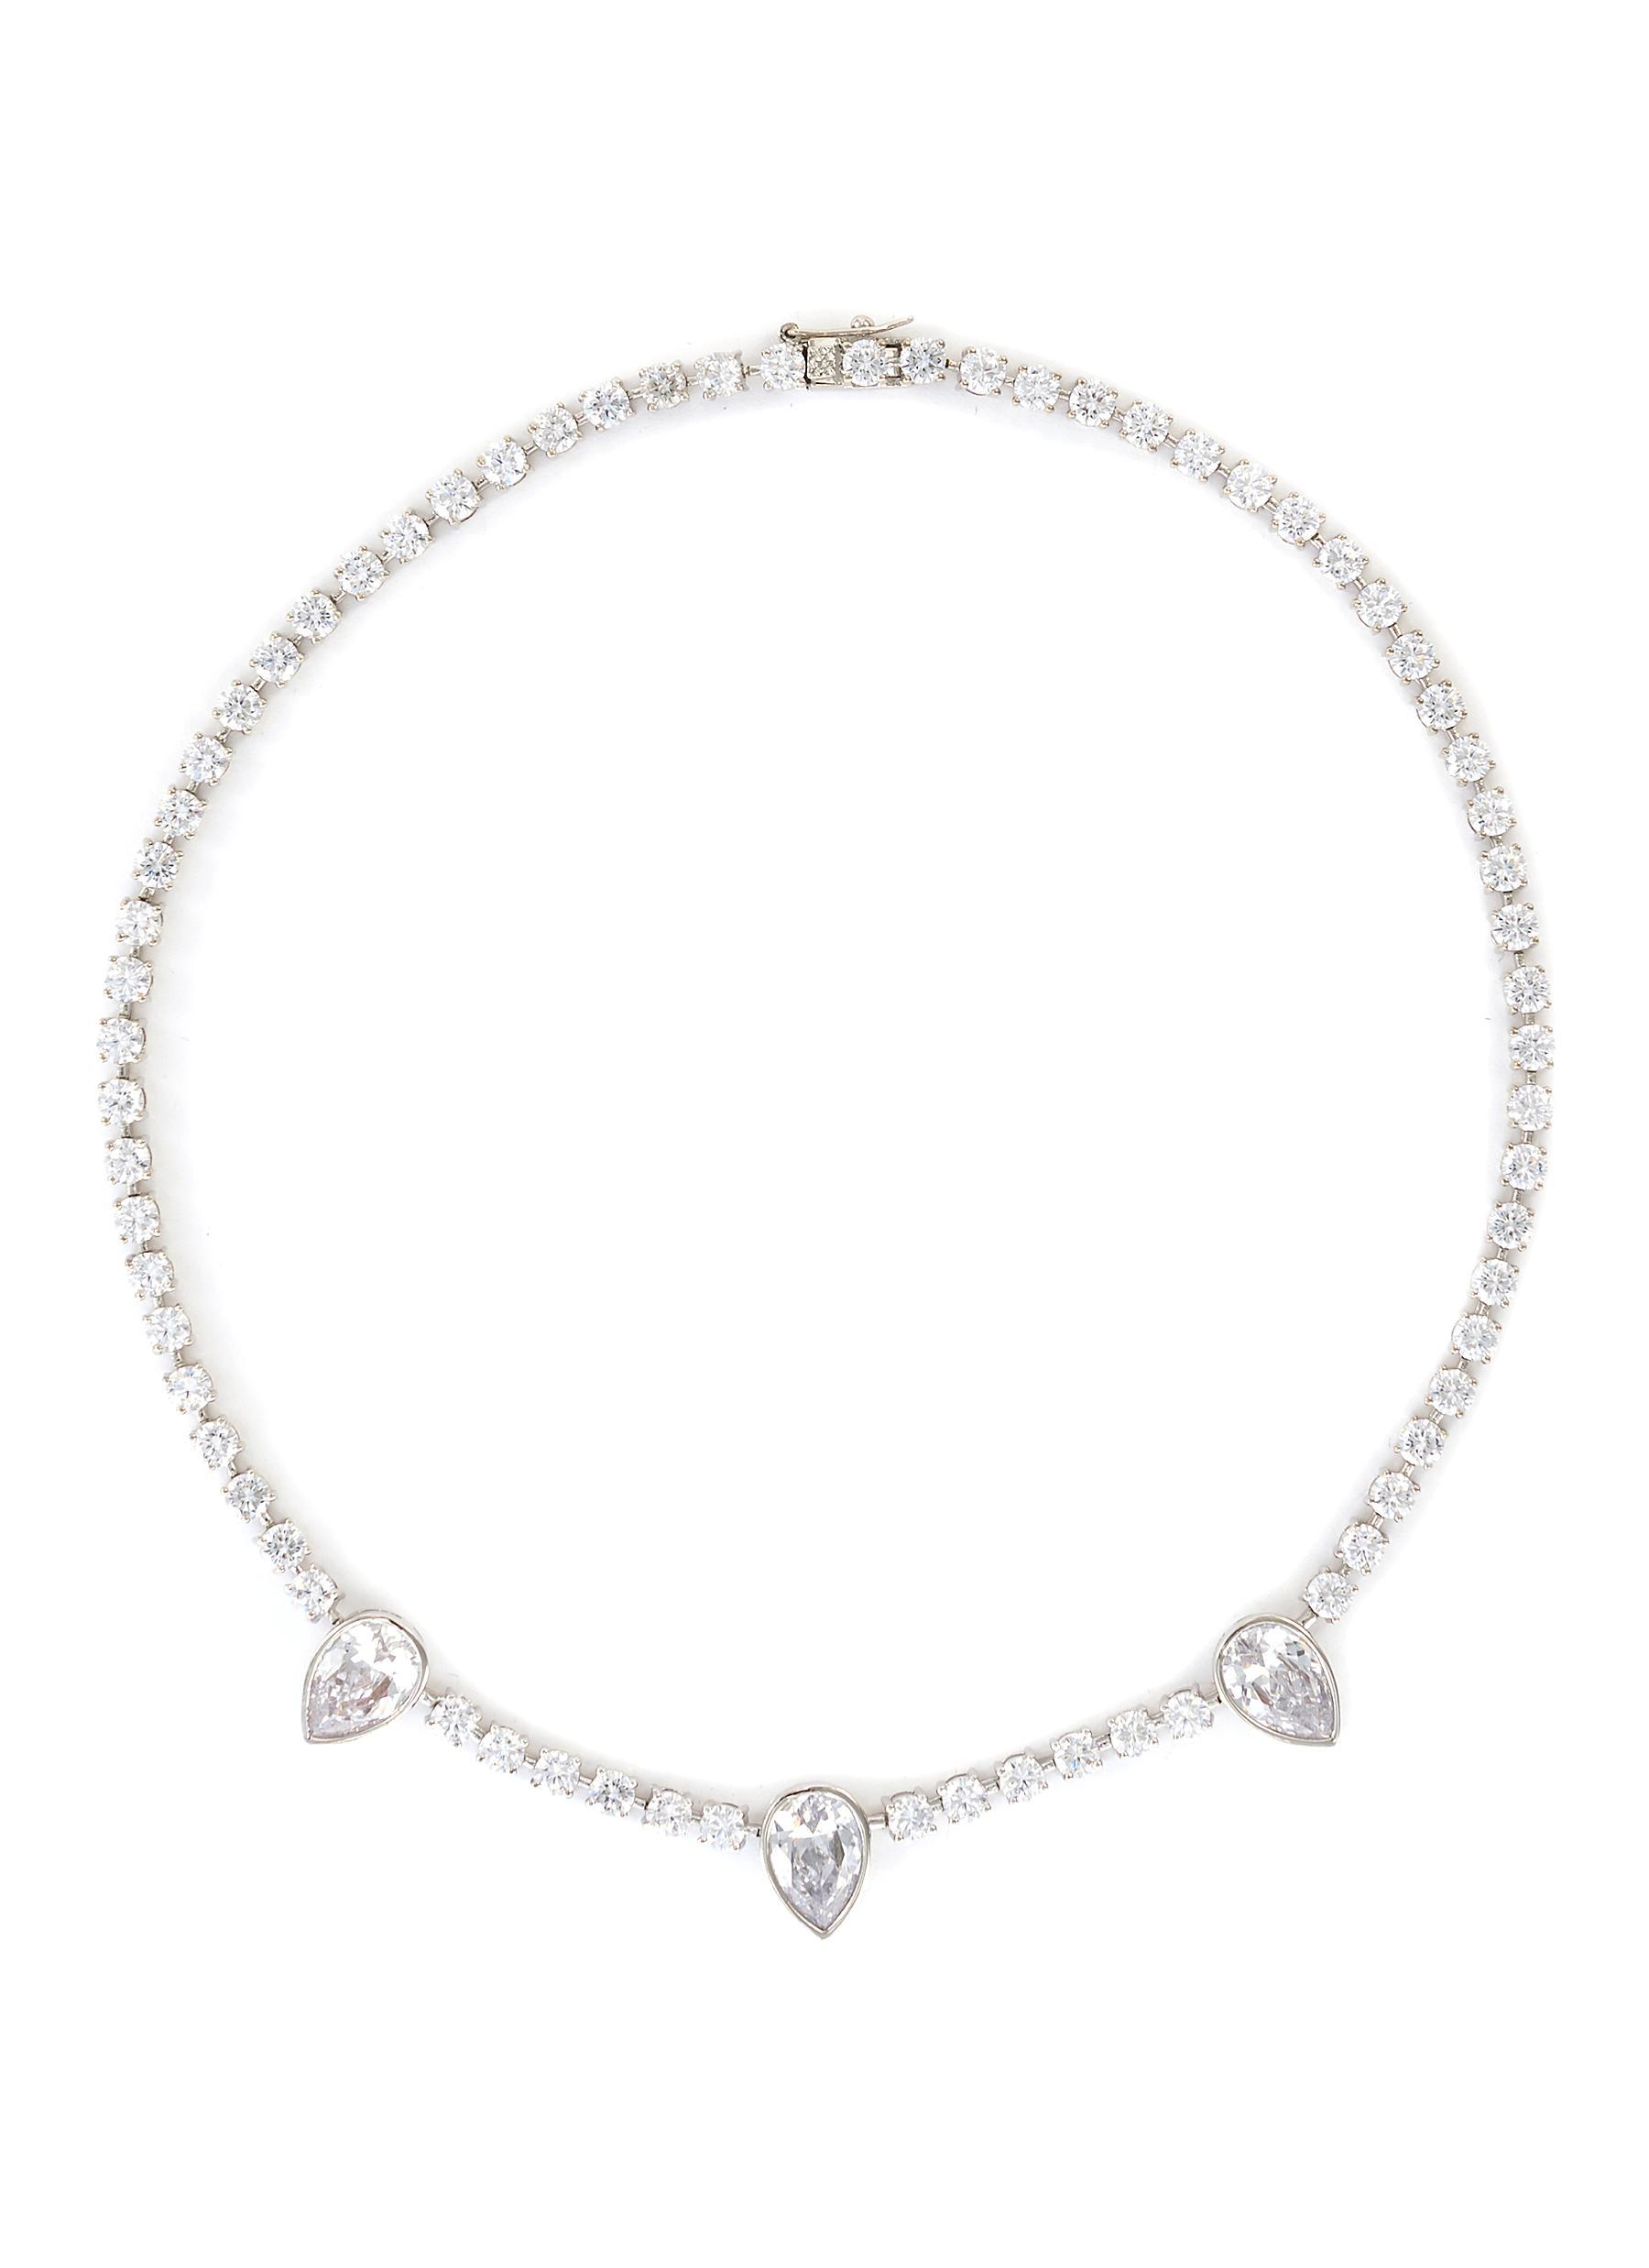 Pear cubic zirconia tennis necklace